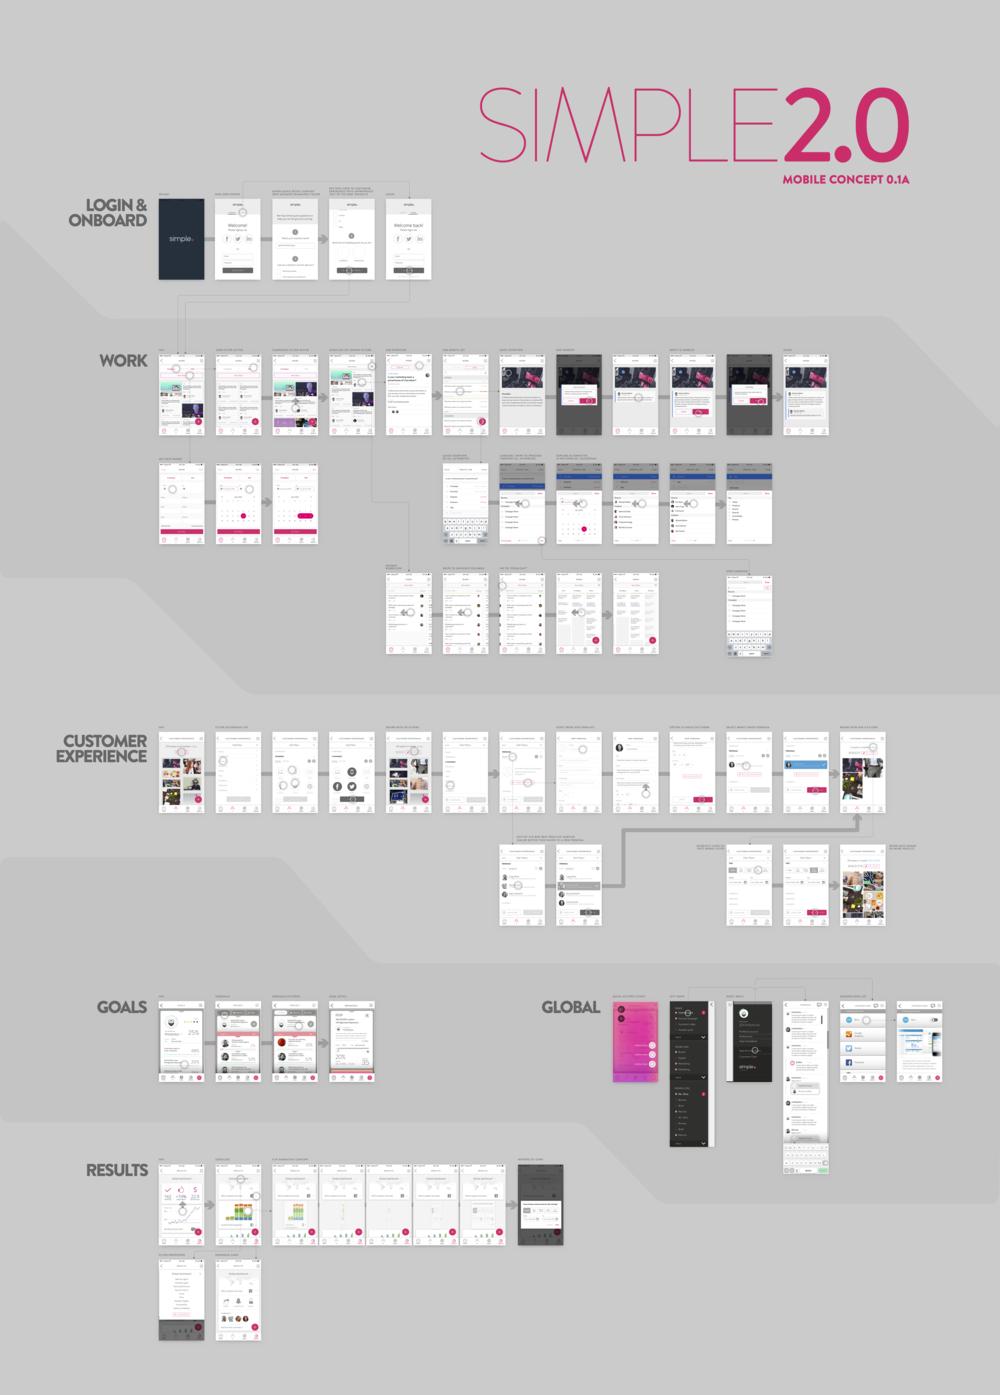 2016-03 Platform rebuild concept mobile - FLOWMAP linked v04-wp.png